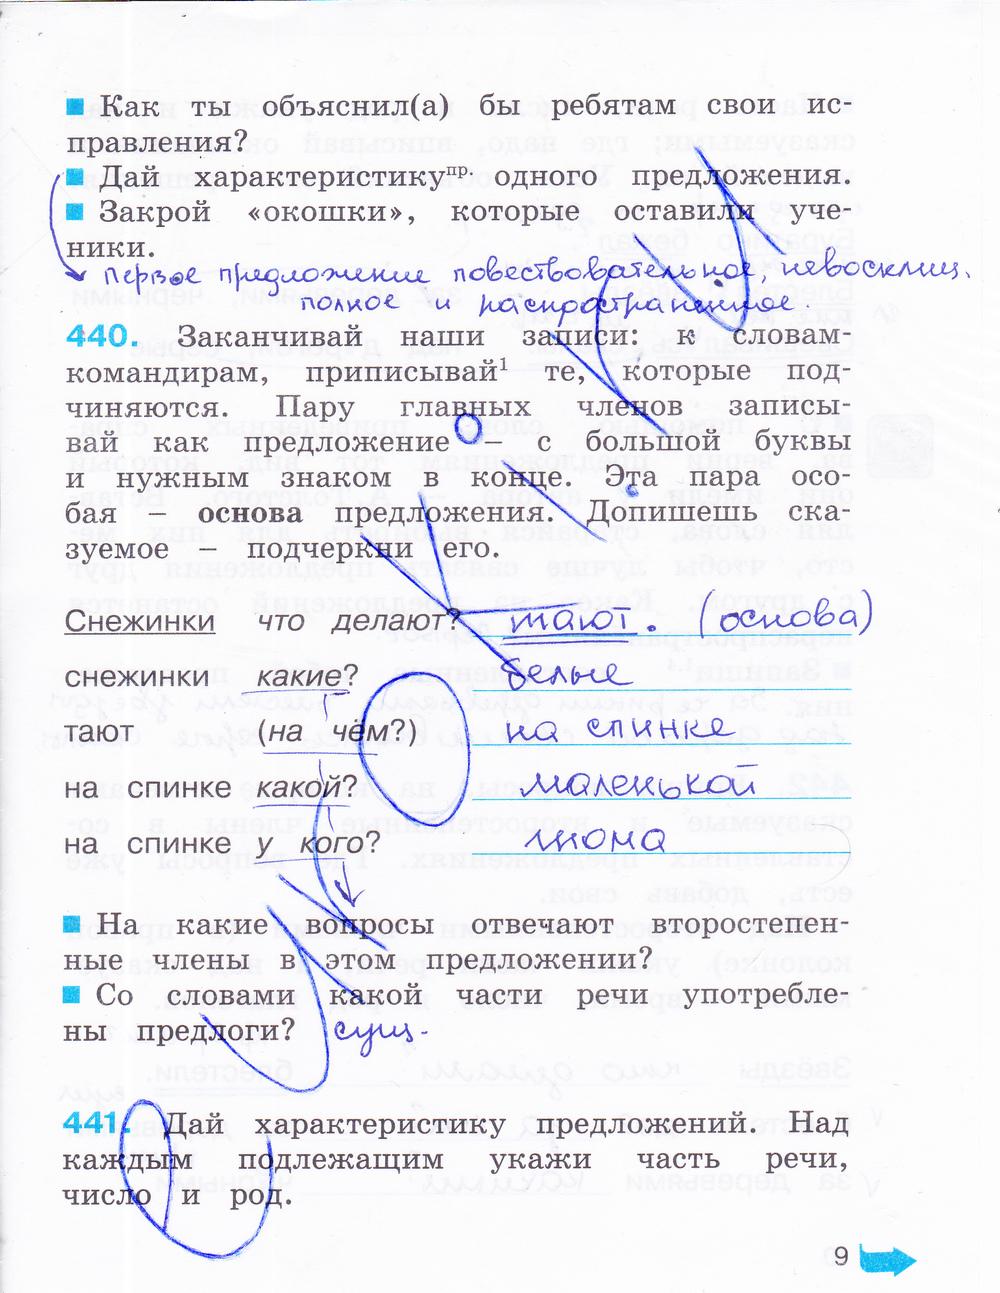 языку ответы соловейчик гдз решебник 3 гдз часть русскому 2 по кузьменко класс